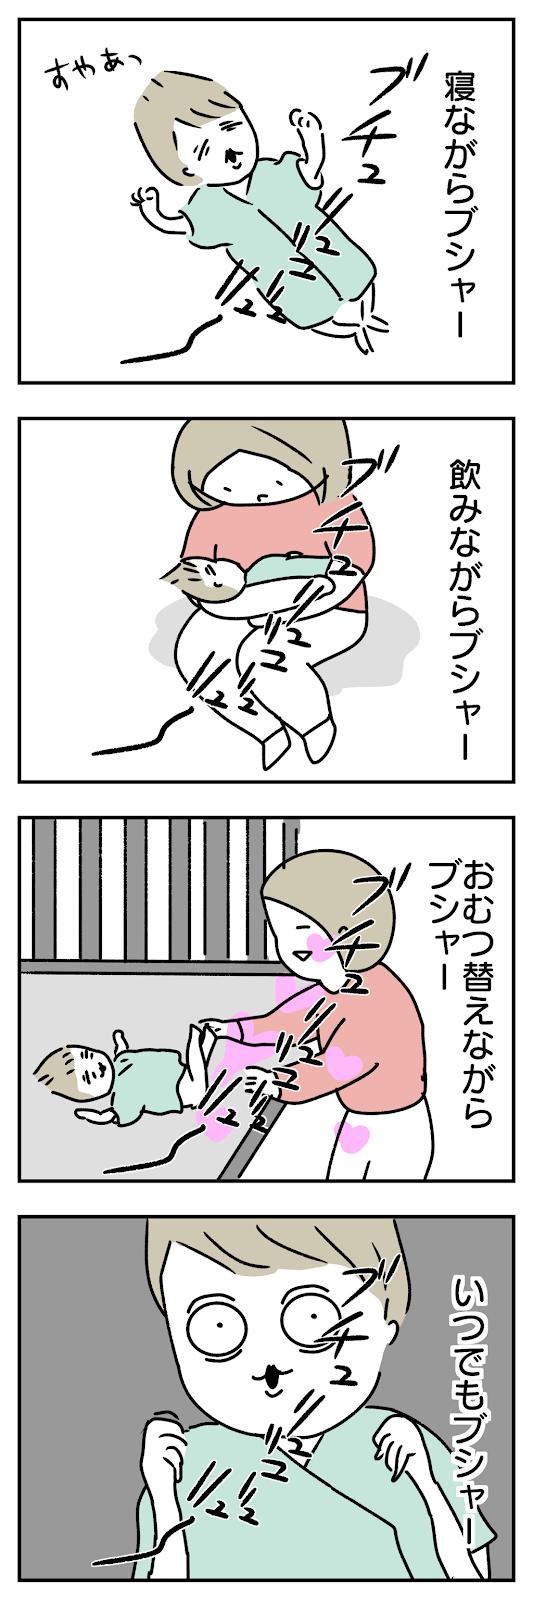 新生児時期(生後1ヶ月頃)は寝ながら飲みながらおむつ変えながらと常にゆるゆるなウンチをしている赤ちゃん4コマ漫画